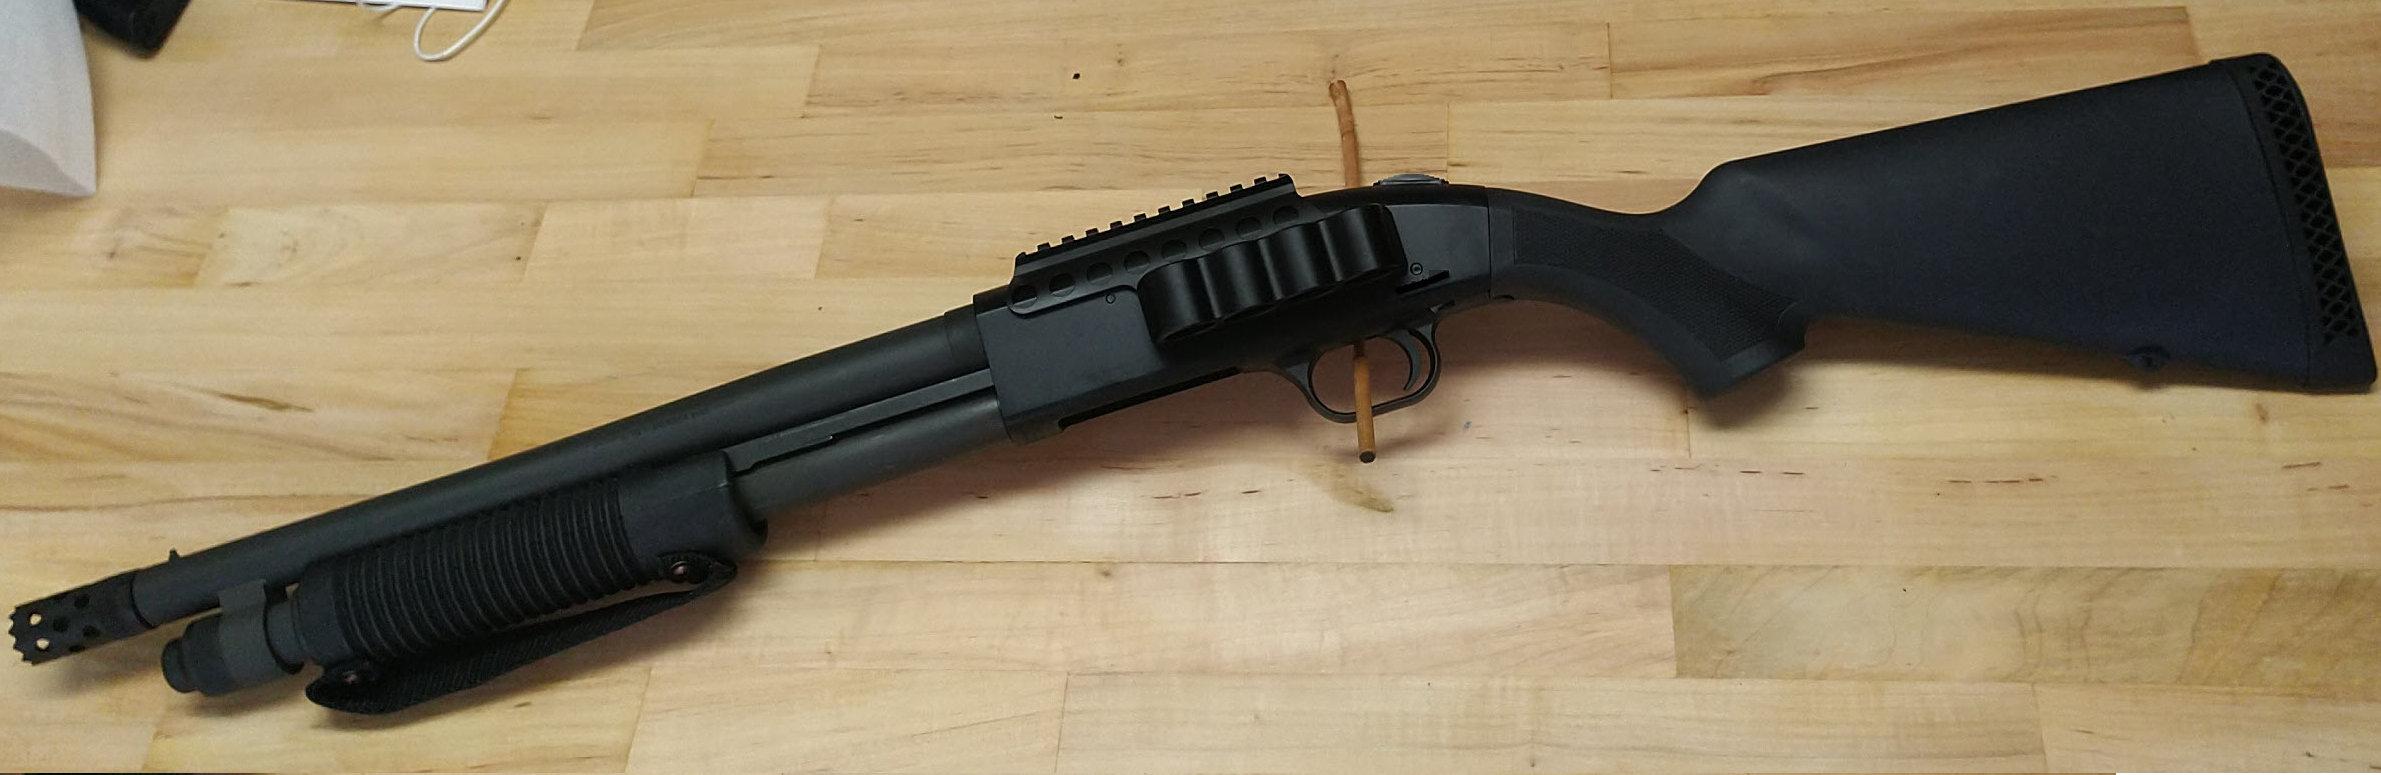 Montrez-nous vos setup de Shotgun ! - Page 3 IMG-20200429-155700